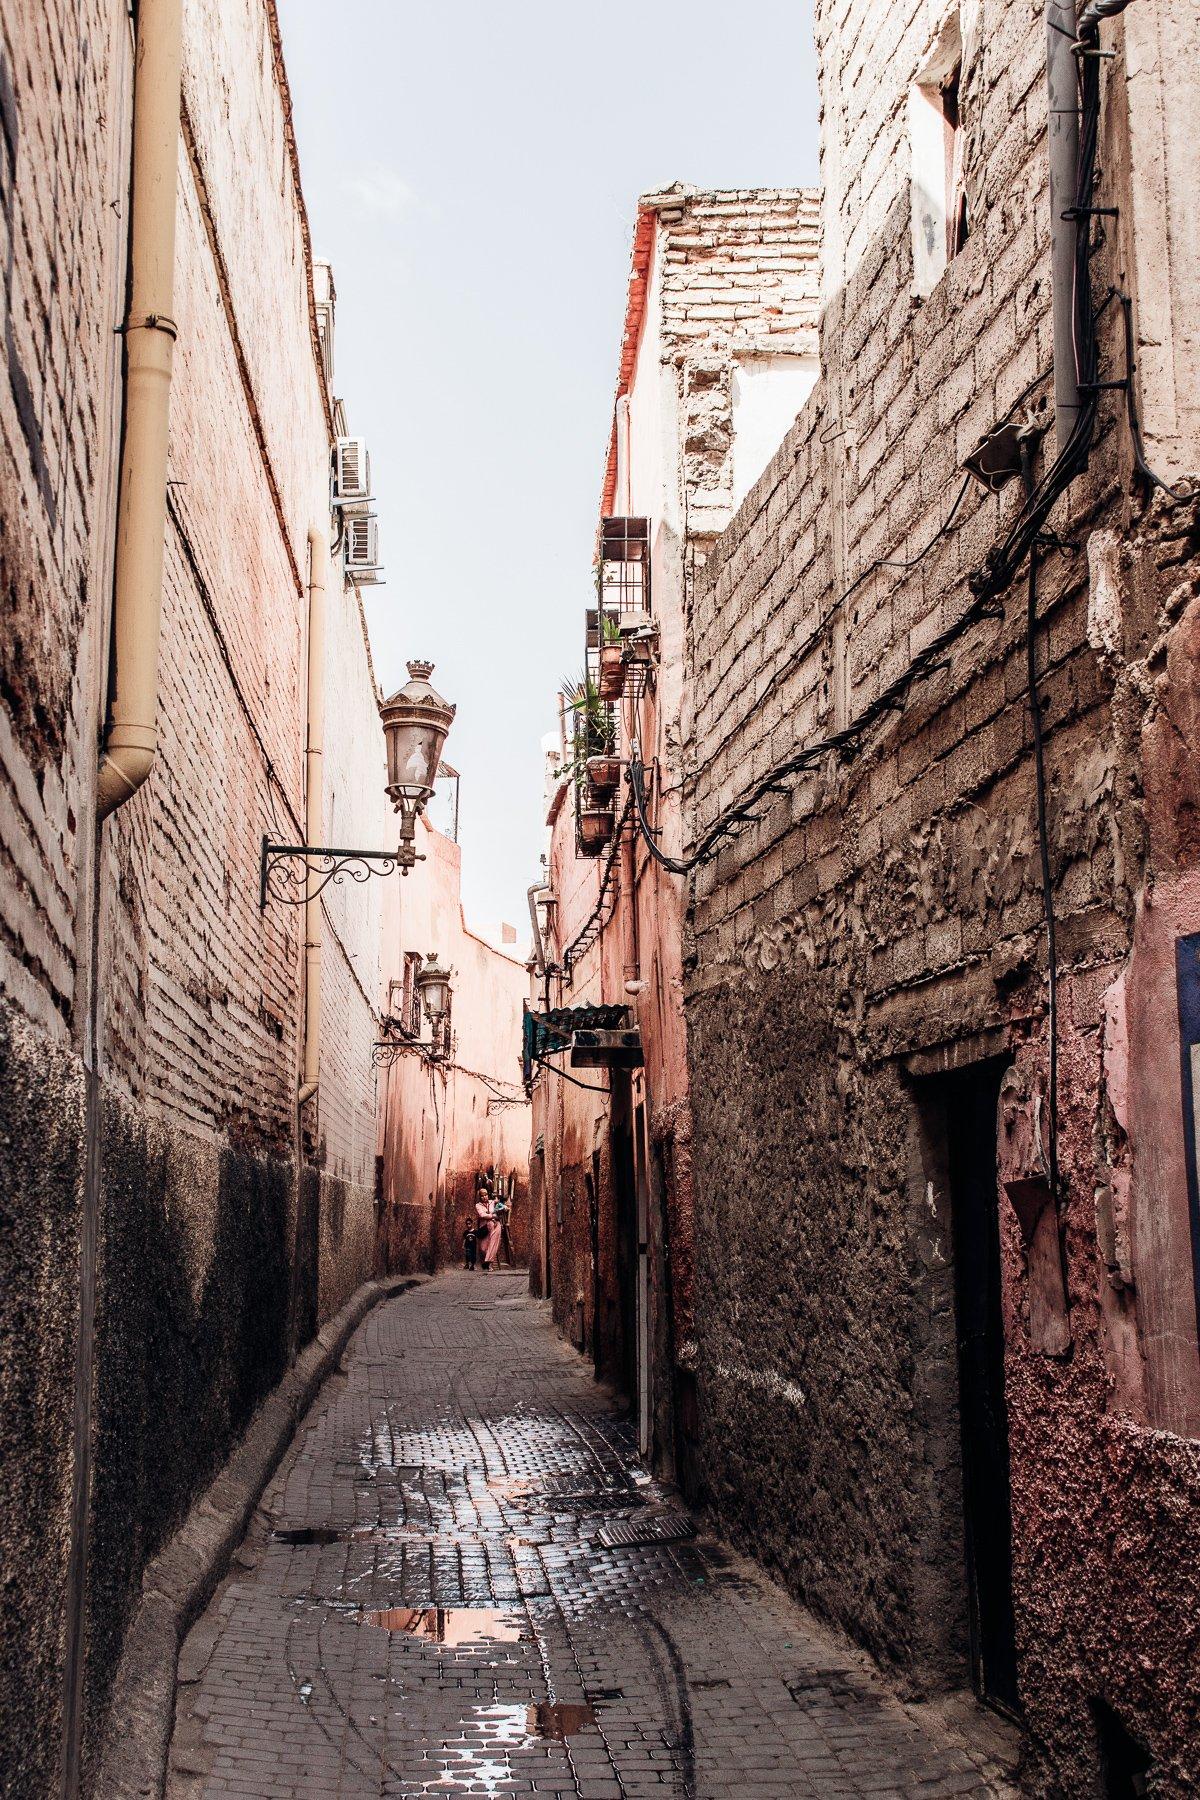 Marrakesch enge Gasse